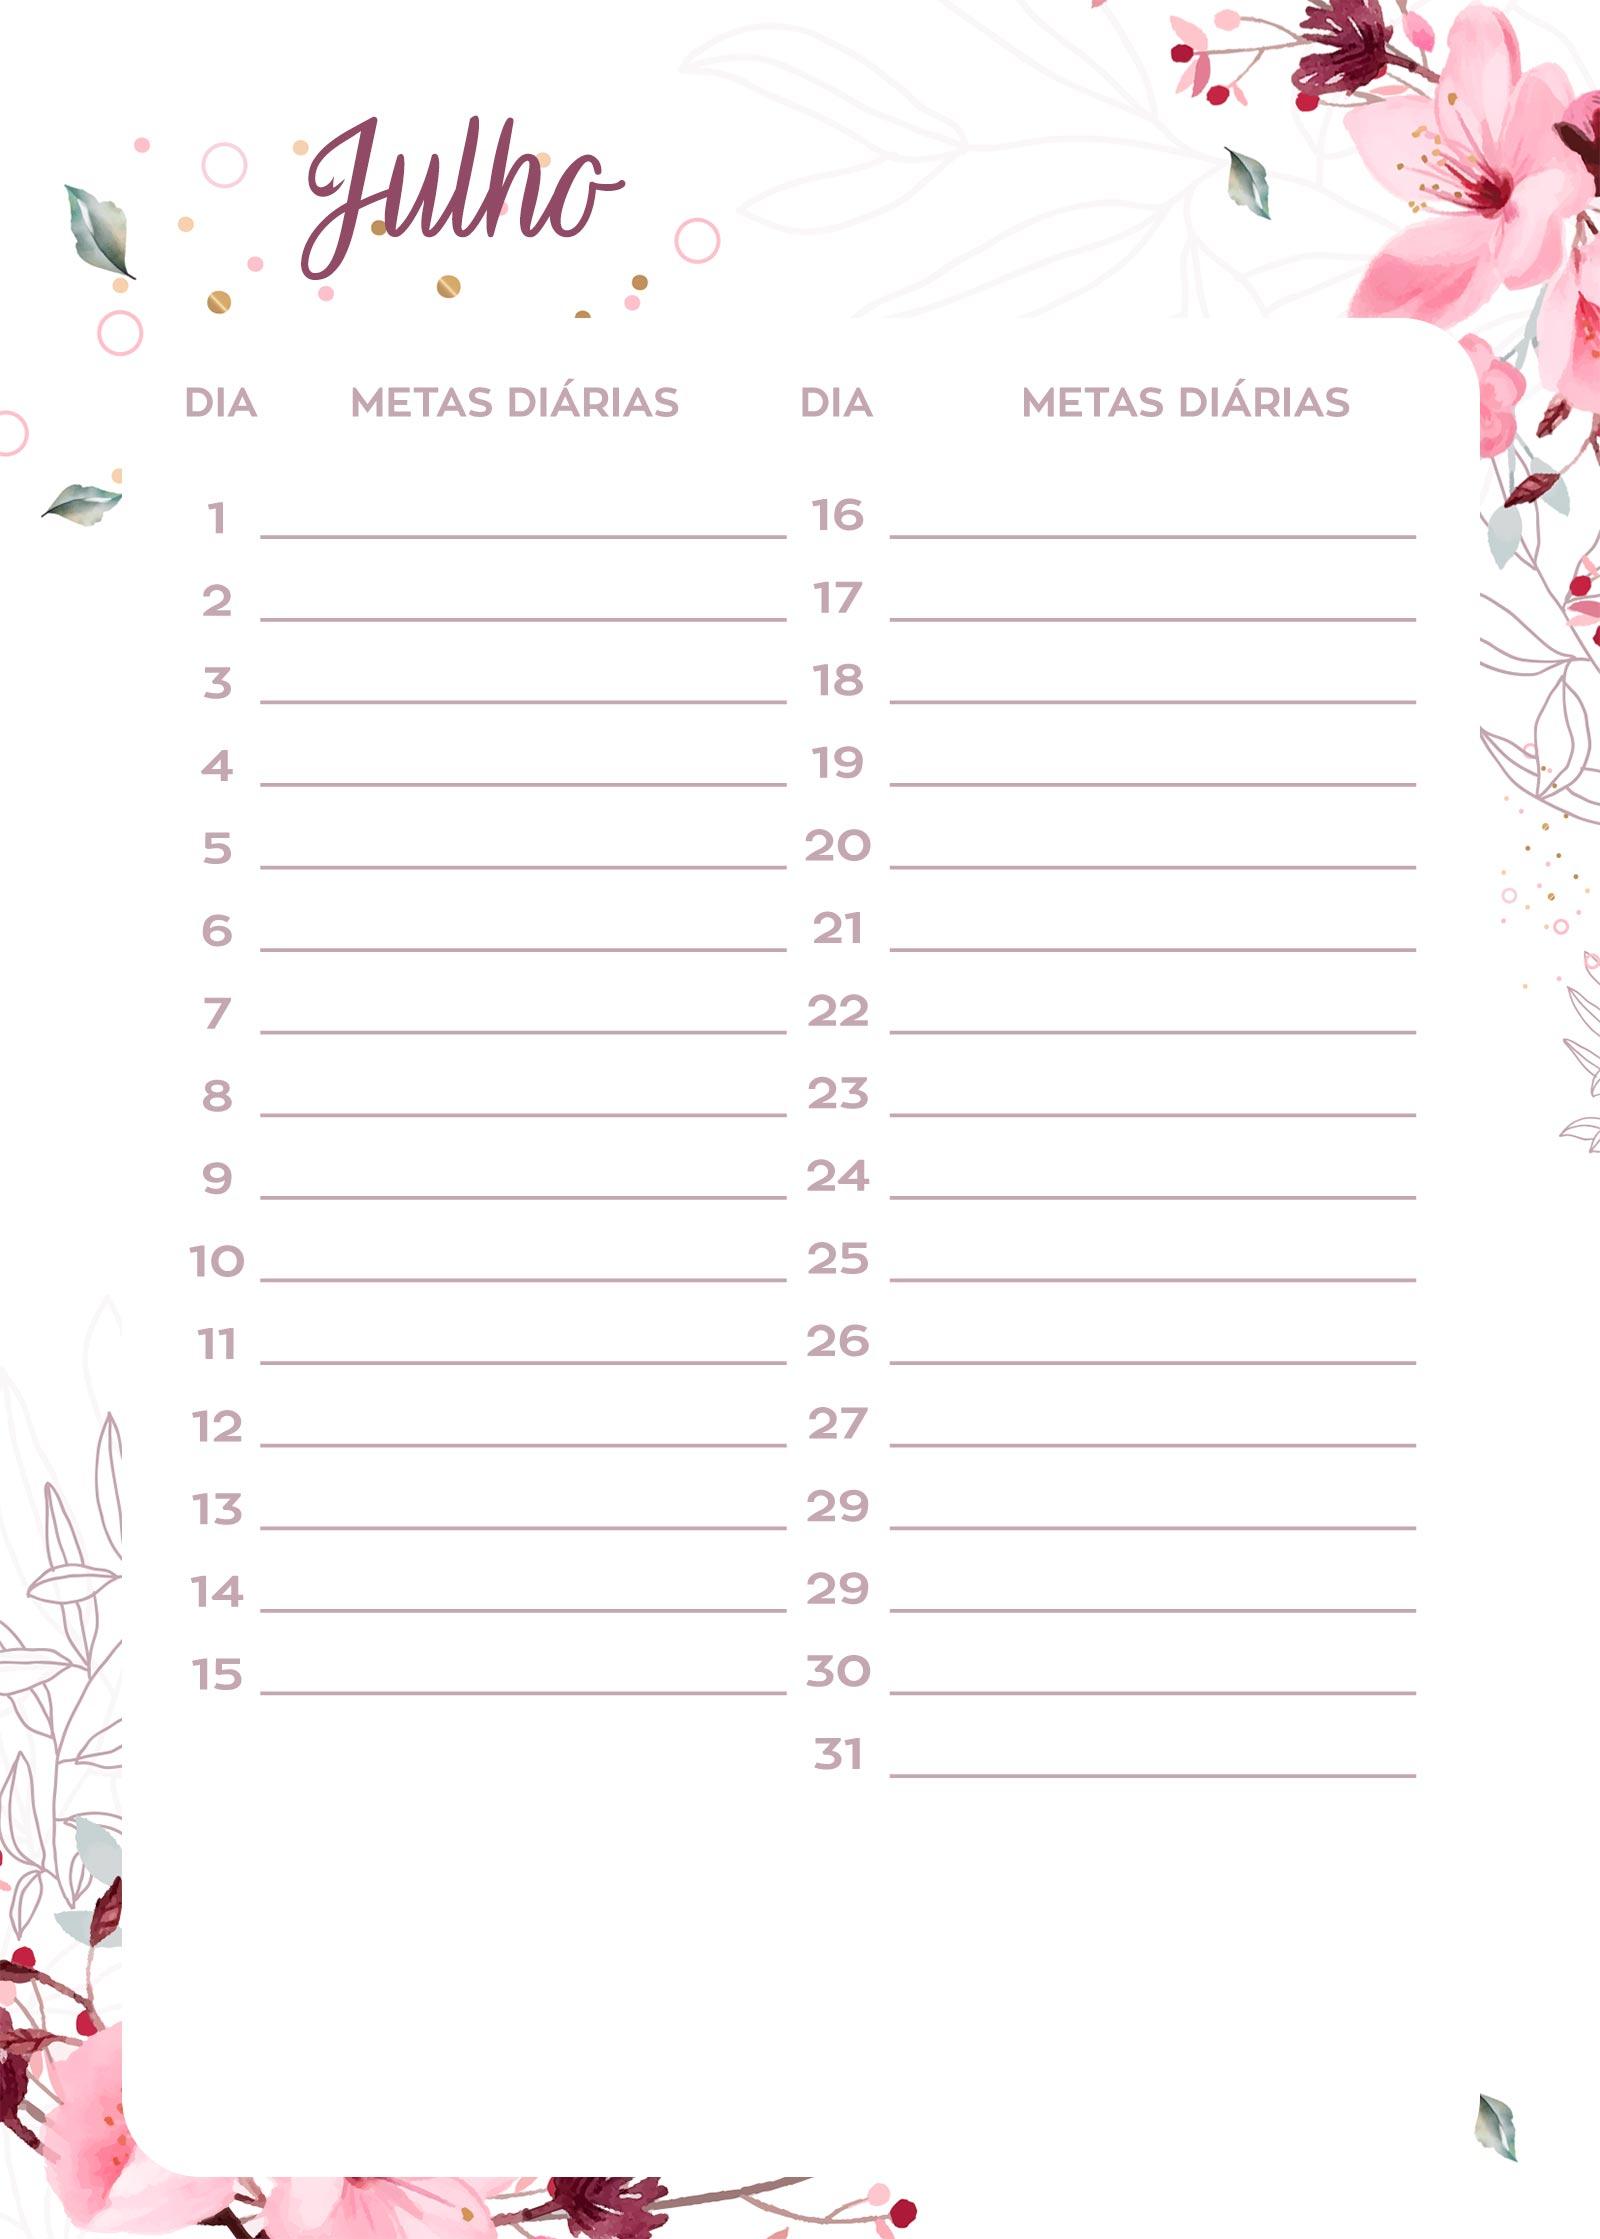 Planner Floral metas diarias julho